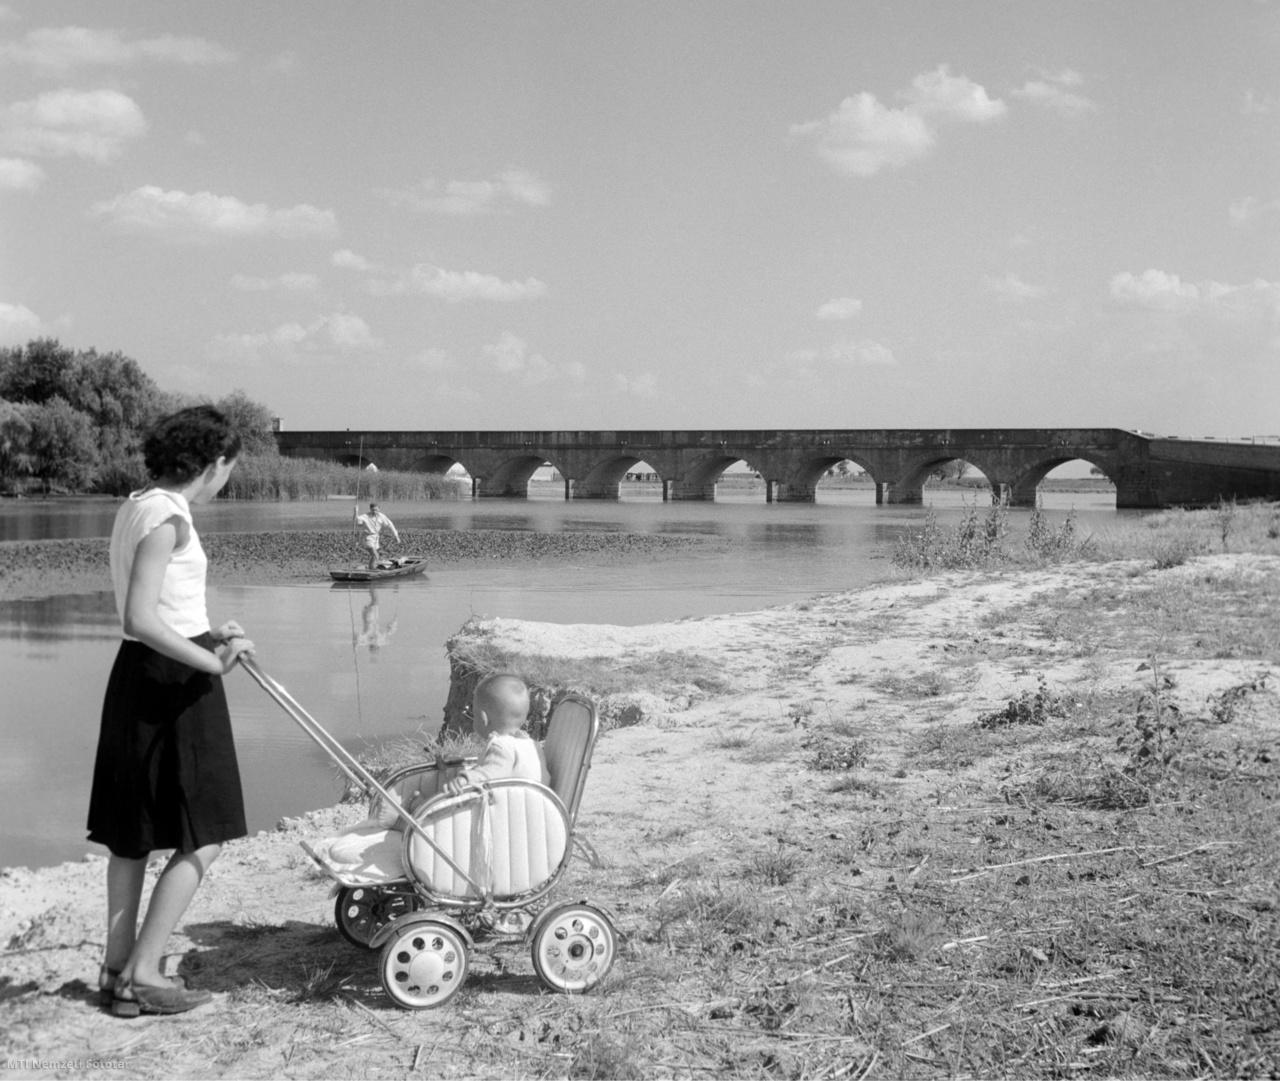 1957. július 31. Édesanya tolja babakocsiban ülő gyermekét a hortobágyi Kilenclyukú hídnál,amelyet debreceni mérnökök építettek 1827-ben